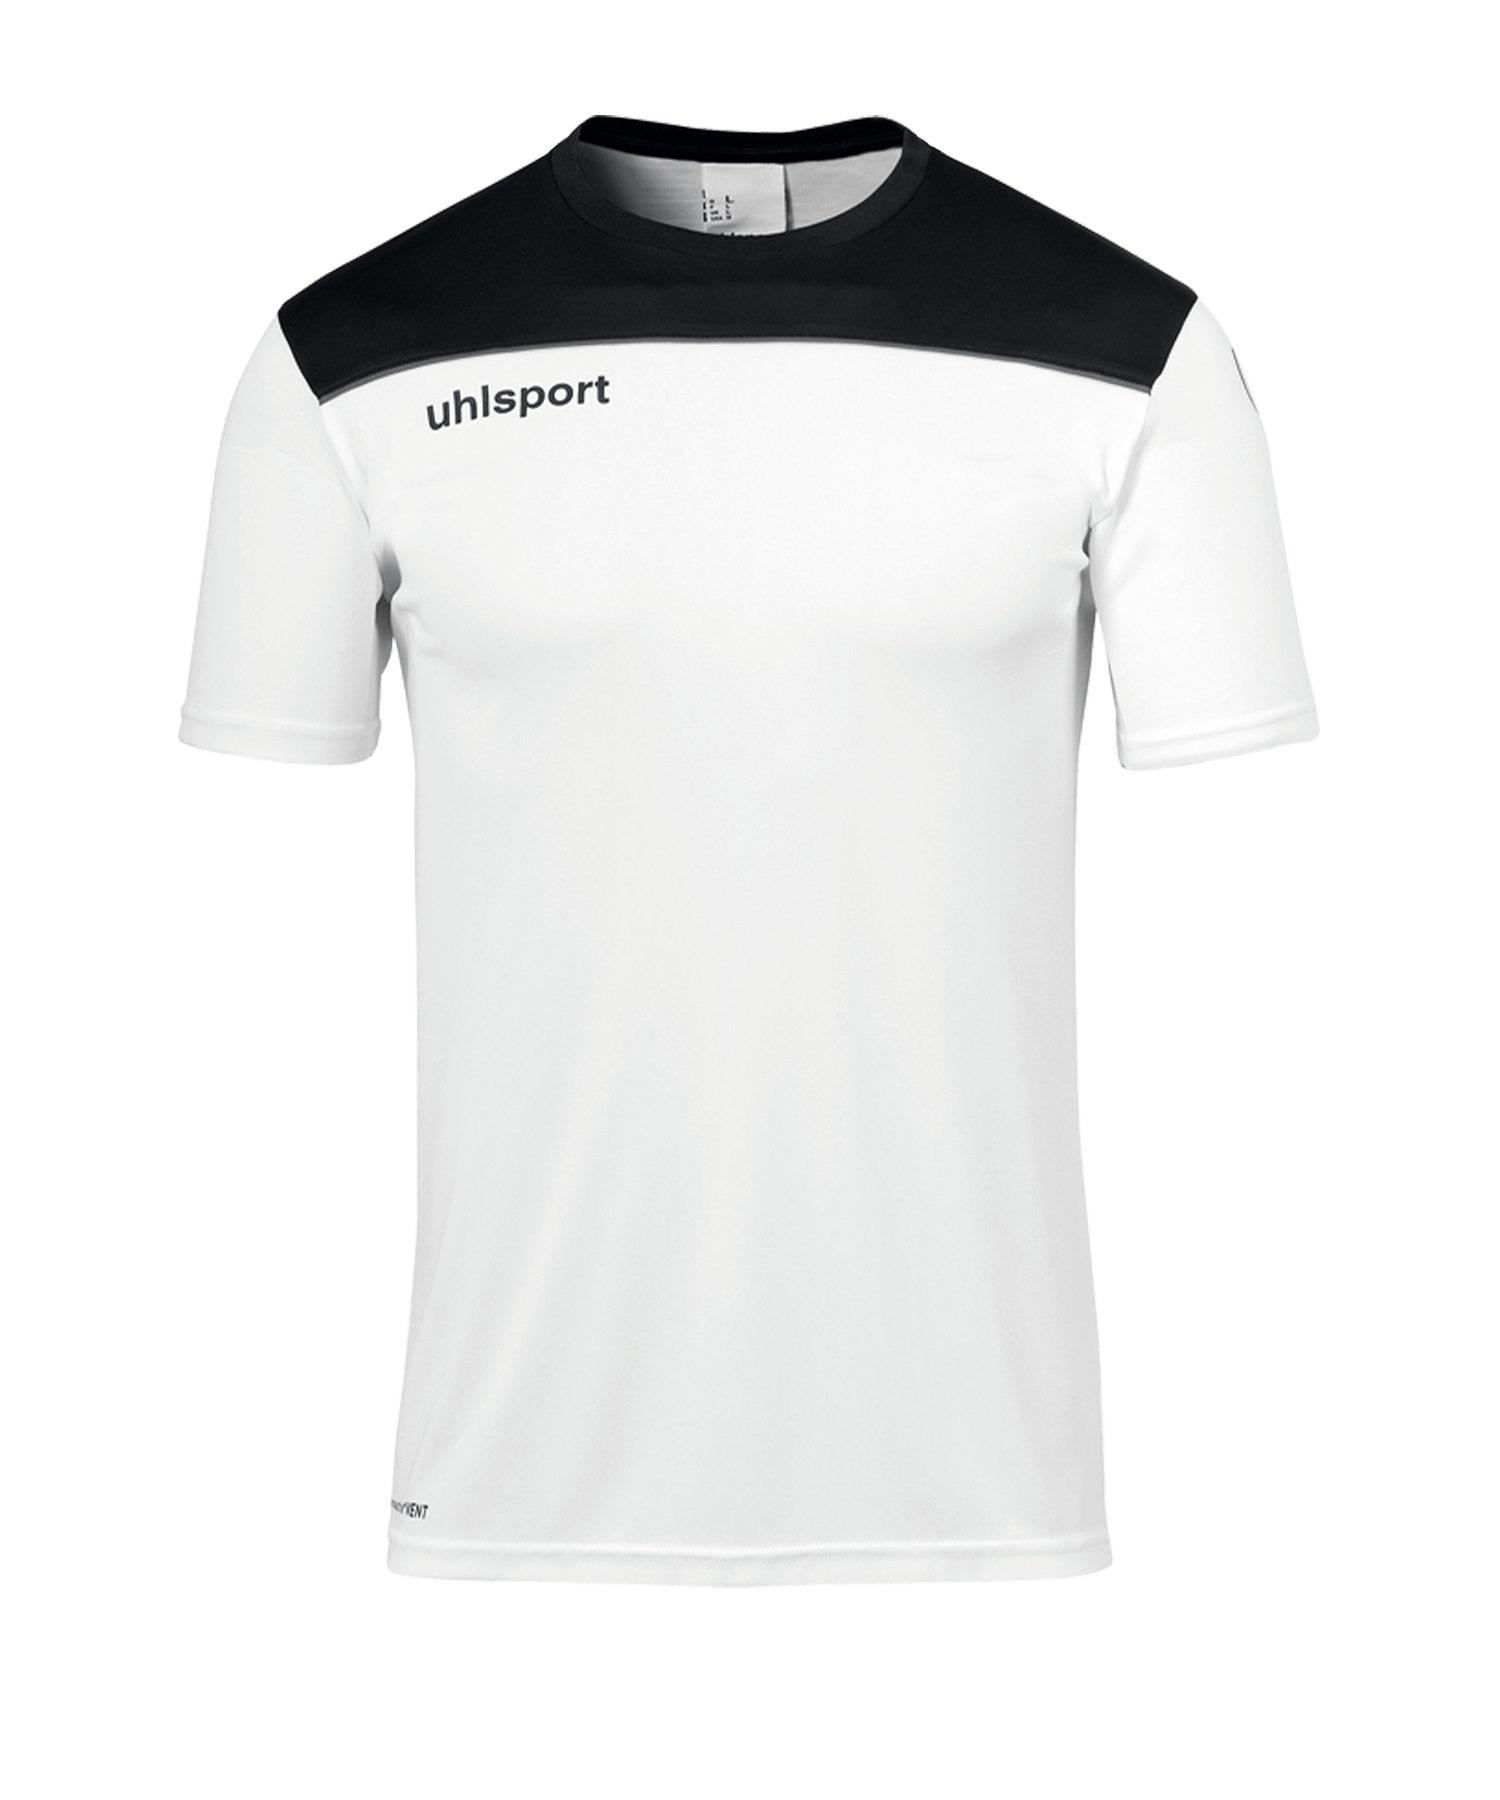 Uhlsport Offense 23 Trainingsshirt Kids Weiss F02 - weiss